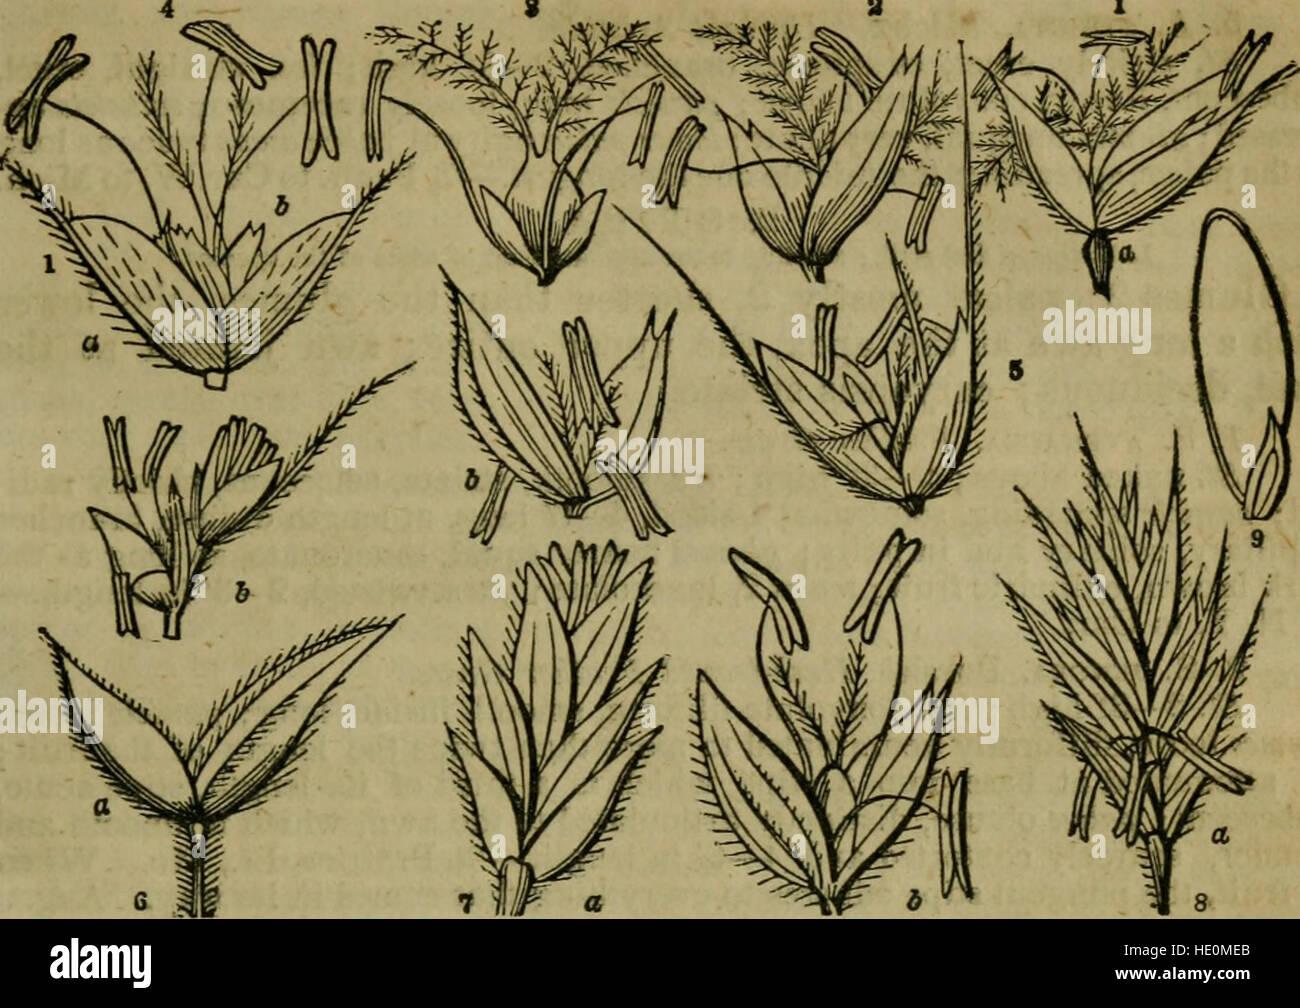 Ein Klasse-Buch der Botanik für Hochschulen, Akademien und andere Seminare konzipiert. Illustriert von einer Flora des nördlichen, mittleren und westlichen Staaten; vor allem der Vereinigten Staaten nördlich der Hauptstadt, Stockfoto